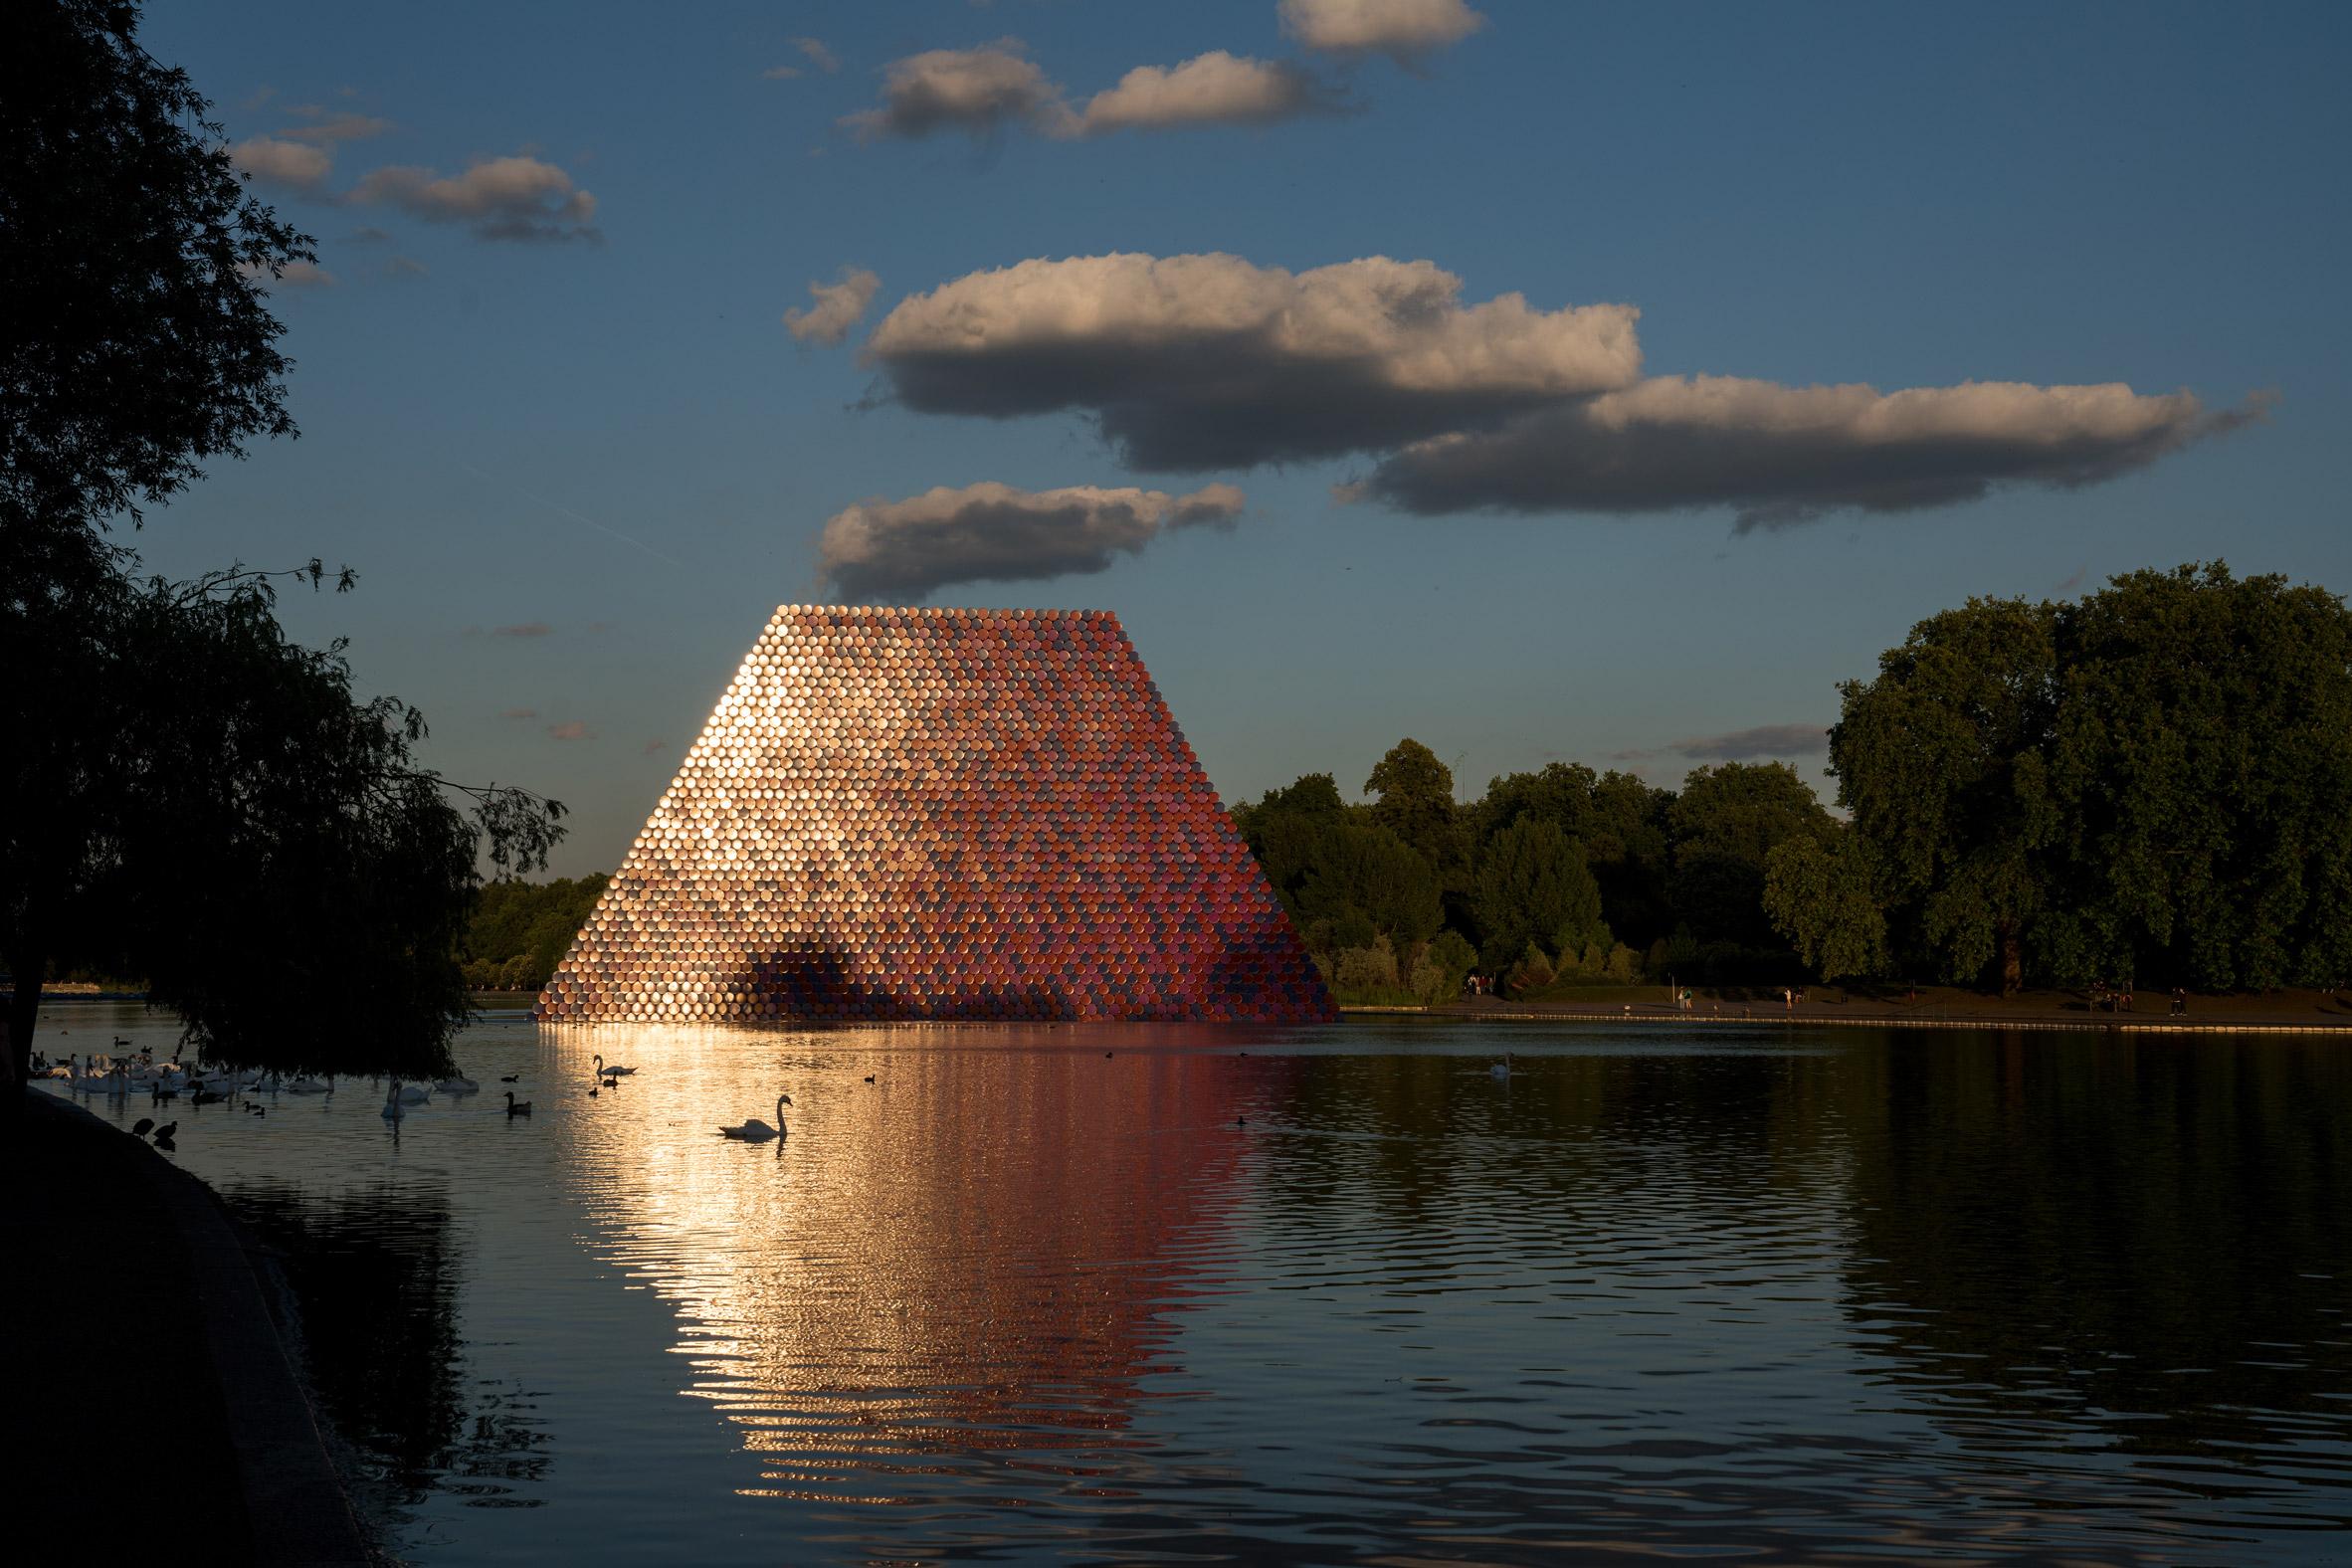 video-christo-jeanne-claude-london-mastaba-serpentine-installation-art-sculpture-movie-wolfgang-volz_d_dezeen_2364_col_3